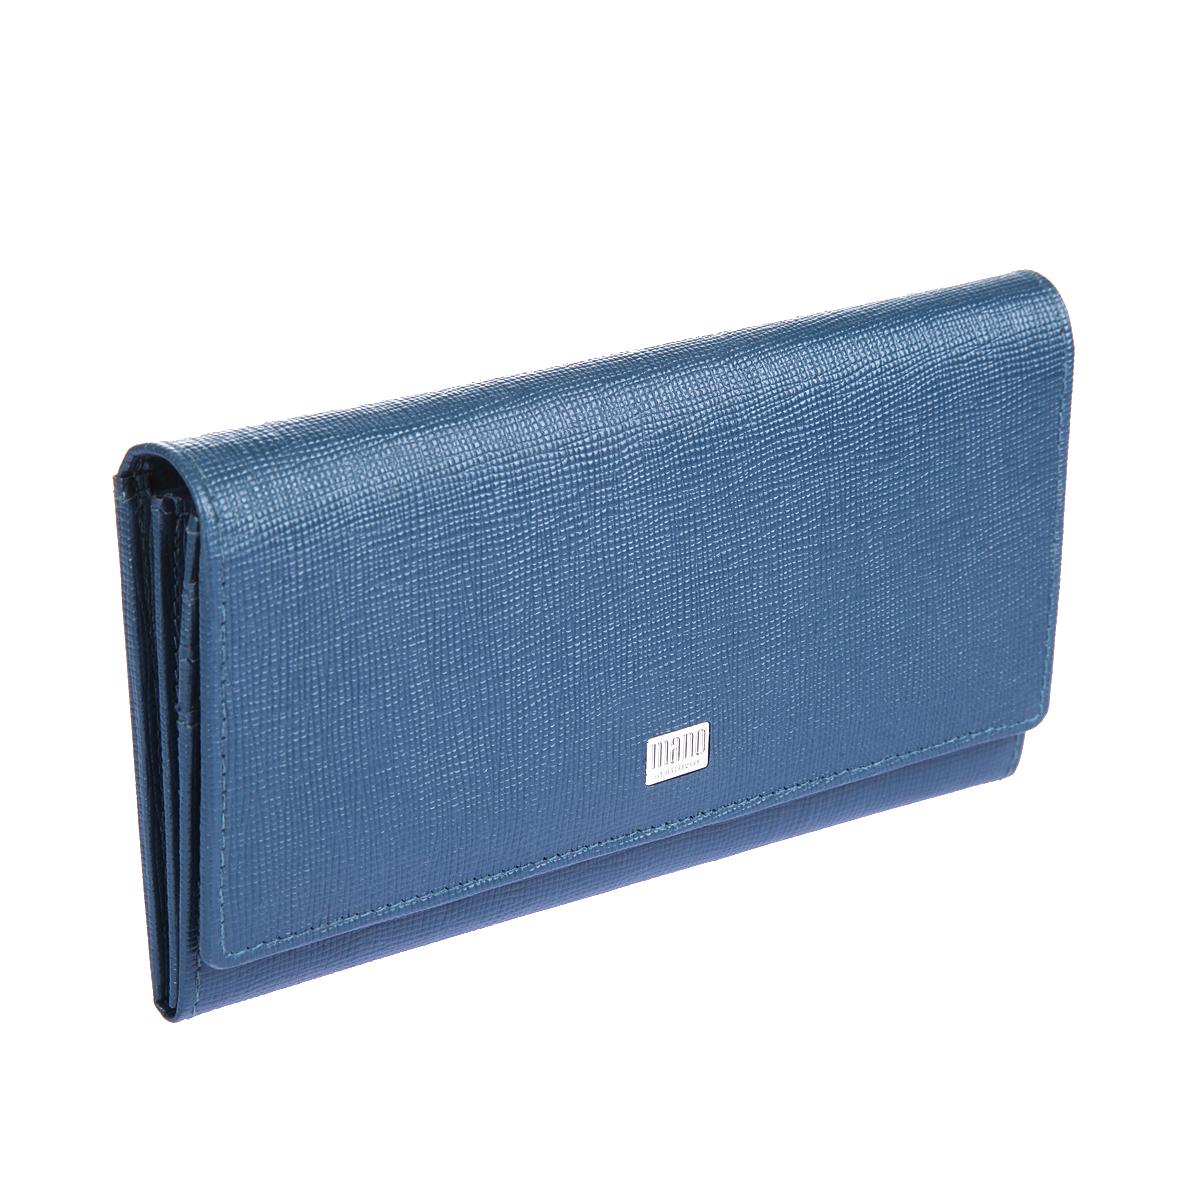 Портмоне женское Mano, цвет: синий. 20150 Franzi blue20150 Franzi blueЗакрывается широким клапаном на кнопке внутри два отделения для купюр отделение для мелочи на молнии два кармана для бумаг девятнадцать кармашков для пластиковых карт сетчатый карман снаружи на задней стенке два кармана, один из них на молнии